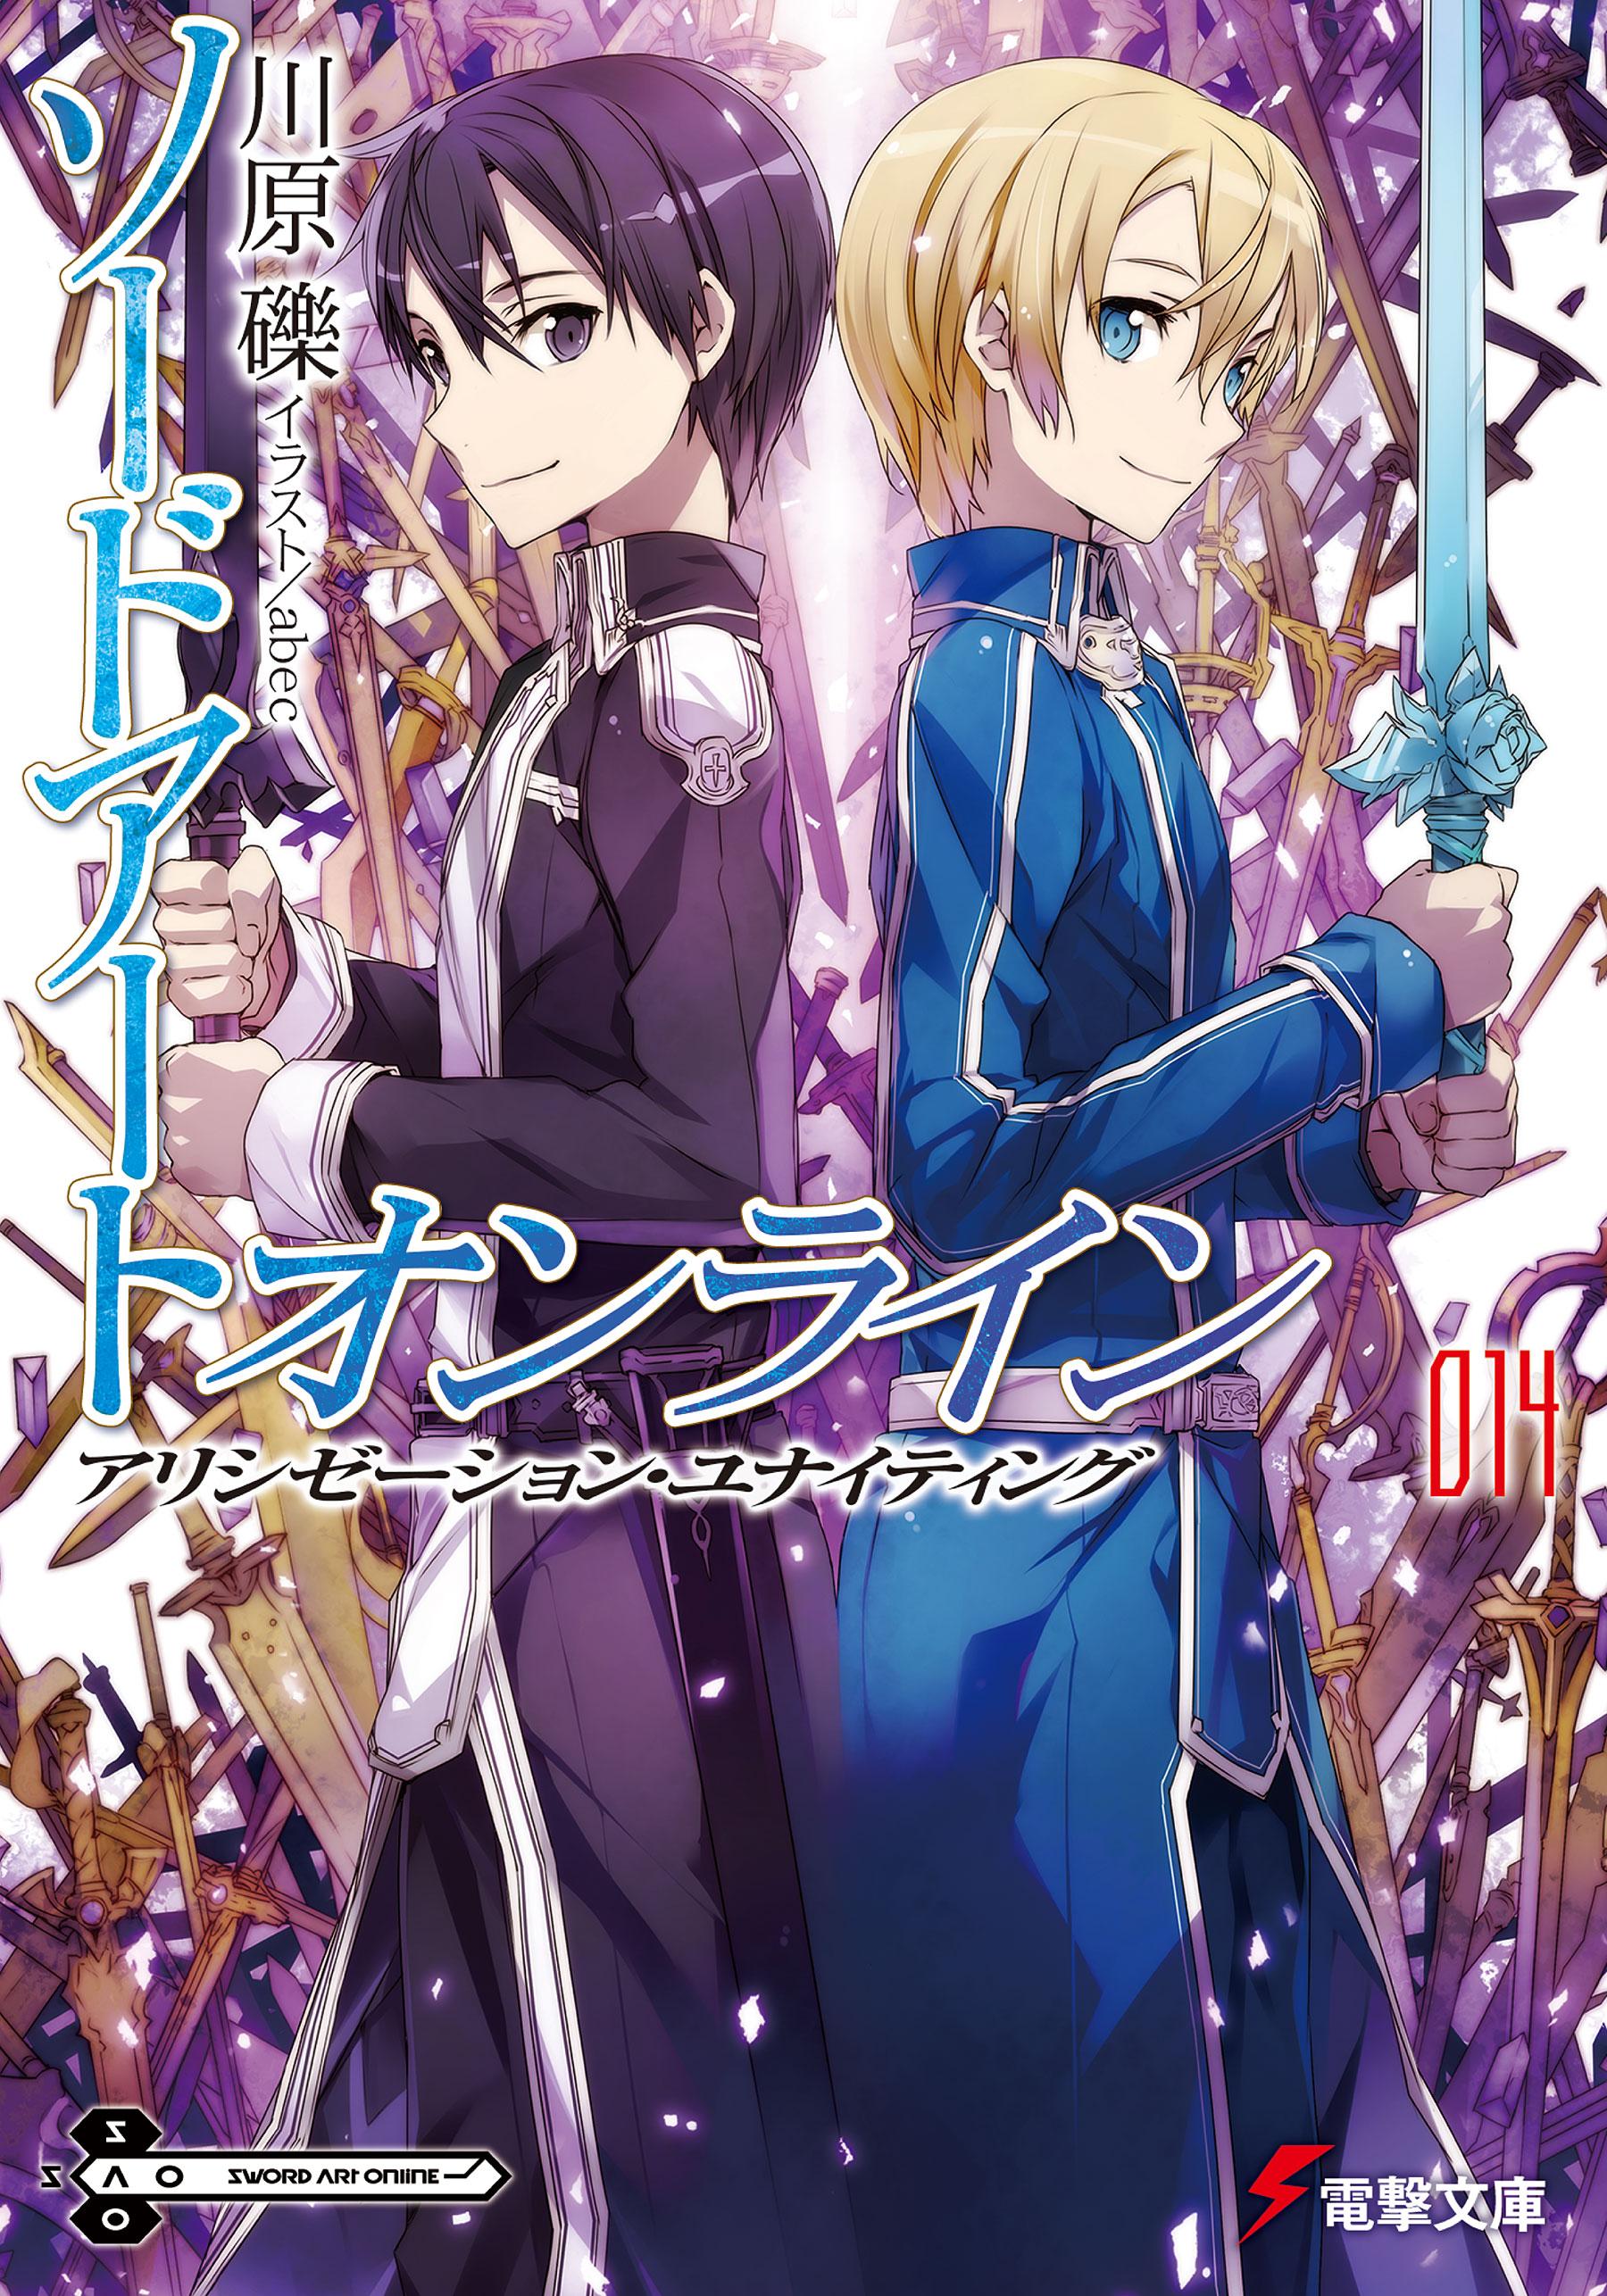 Sword Art Online Light Novel Volume 09 | Sword Art Online Wiki ...